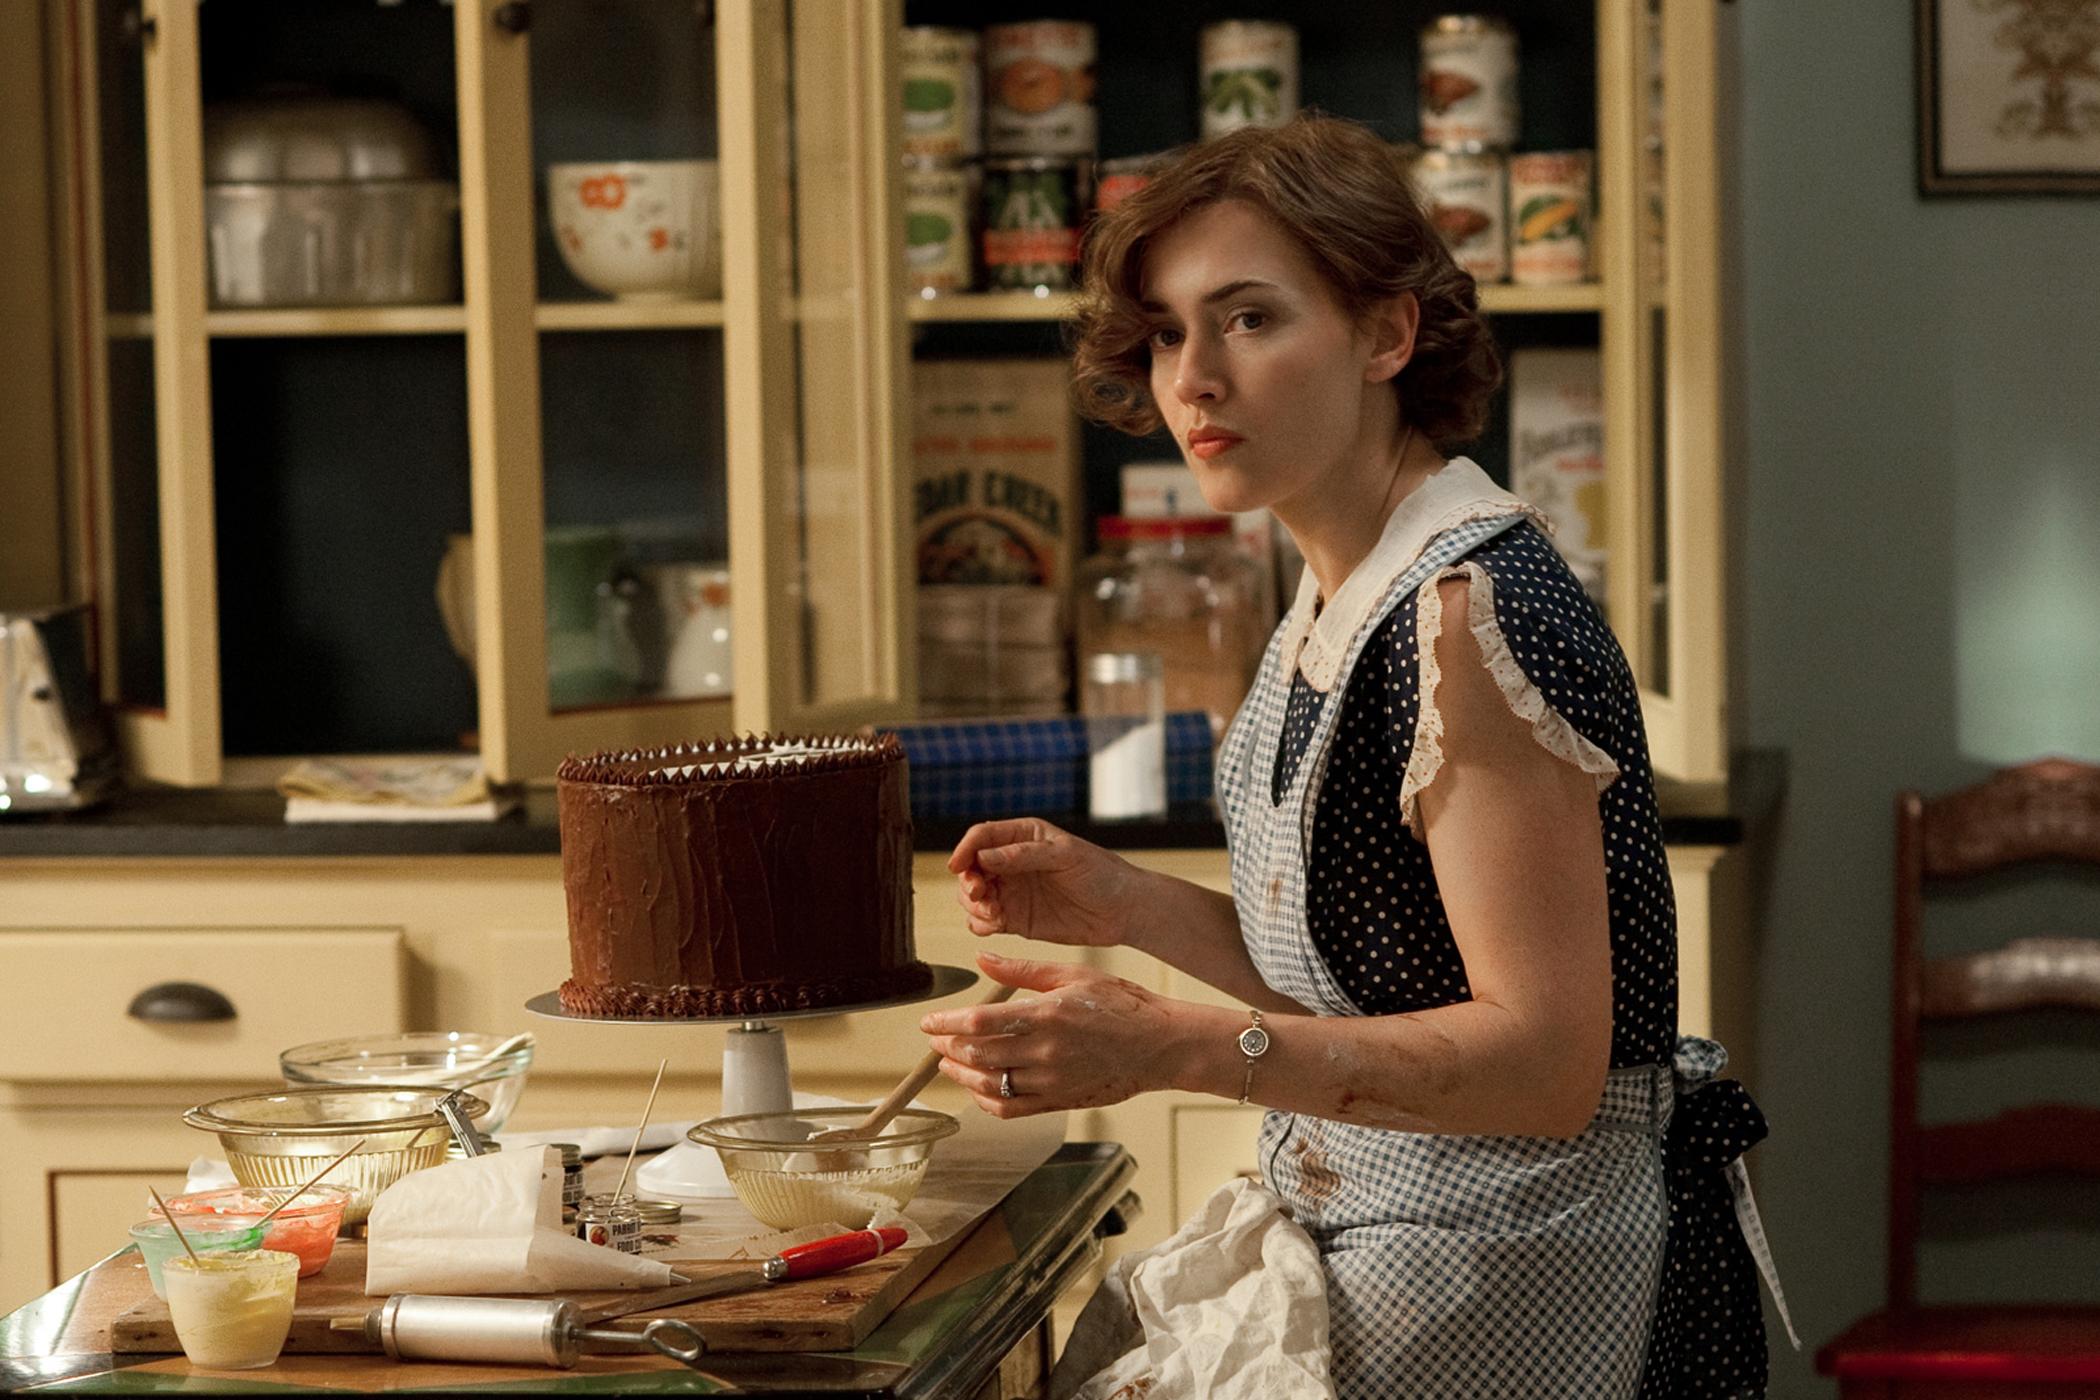 Mildred Pierce in Mildred Pierce, 2011.